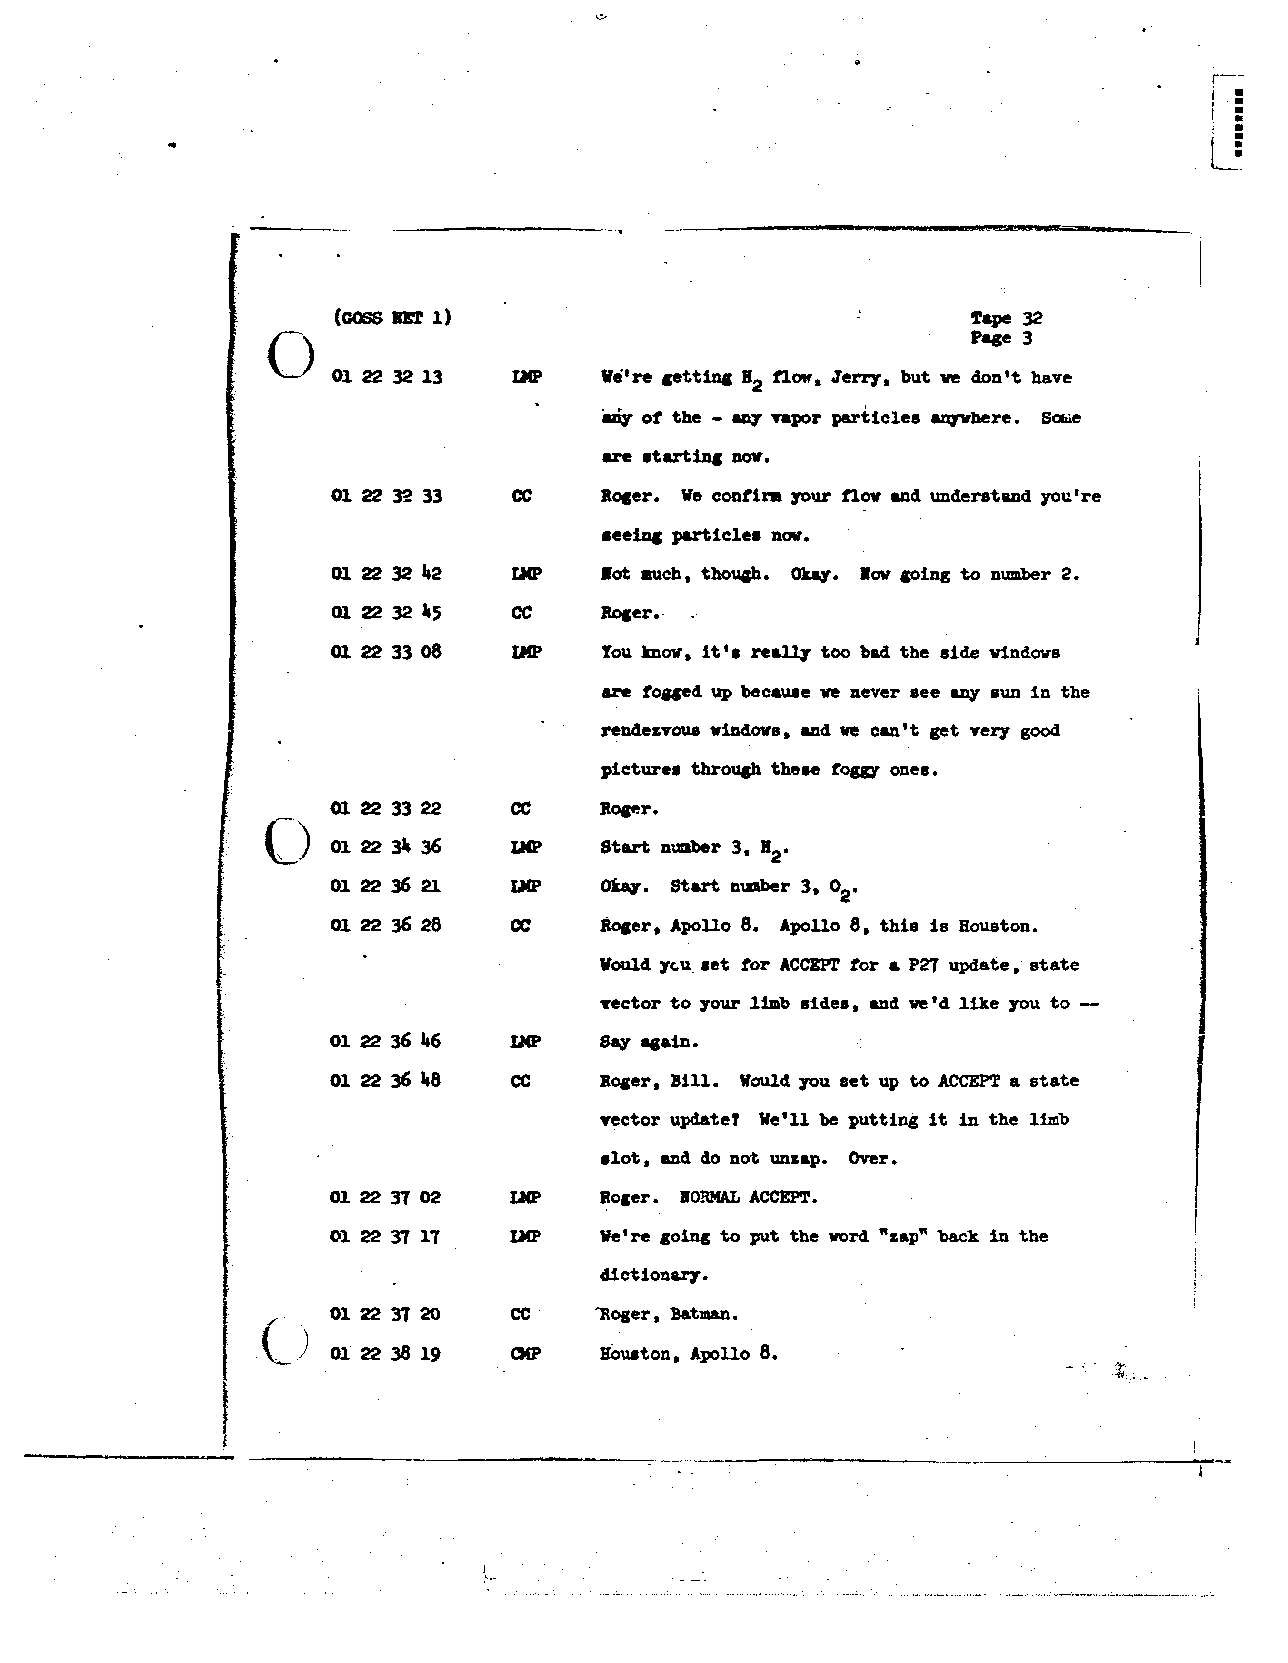 Page 247 of Apollo 8's original transcript